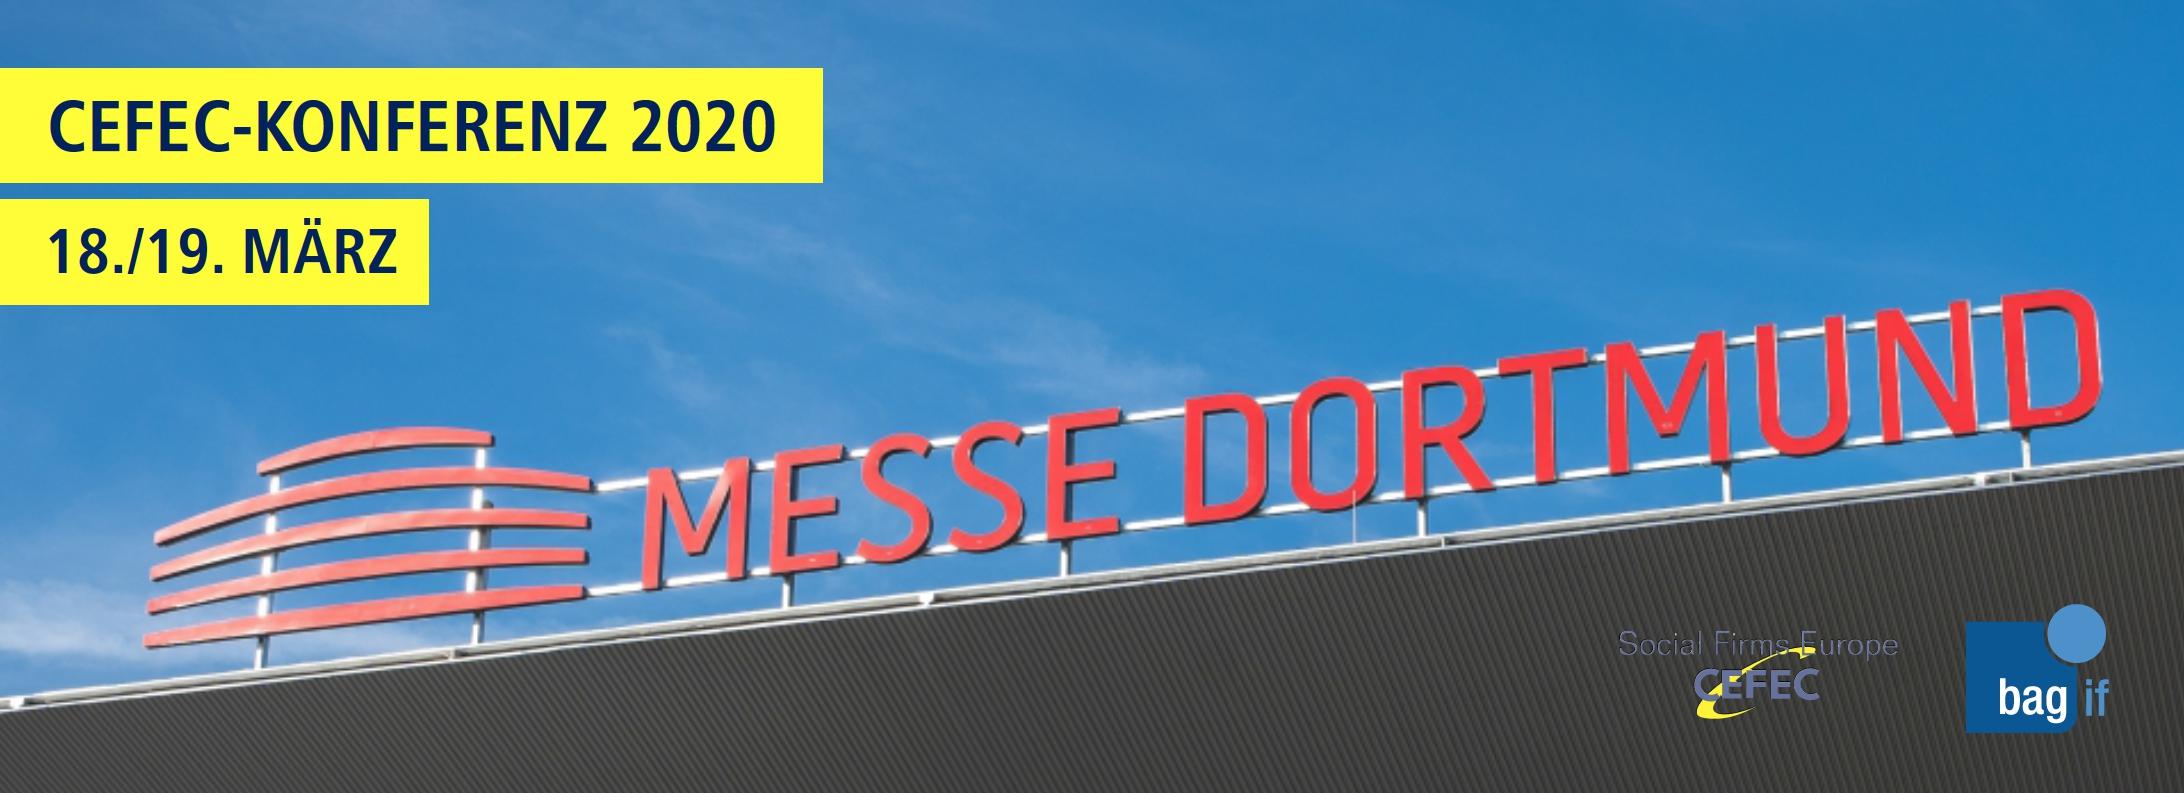 auf dem Messe-Gebäudedach in großen roten Buchstaben steht Messe Dortmund, dahinter blauer Himmel, rechts unten die Logos von Social Firms Europe CEFEC + bag if